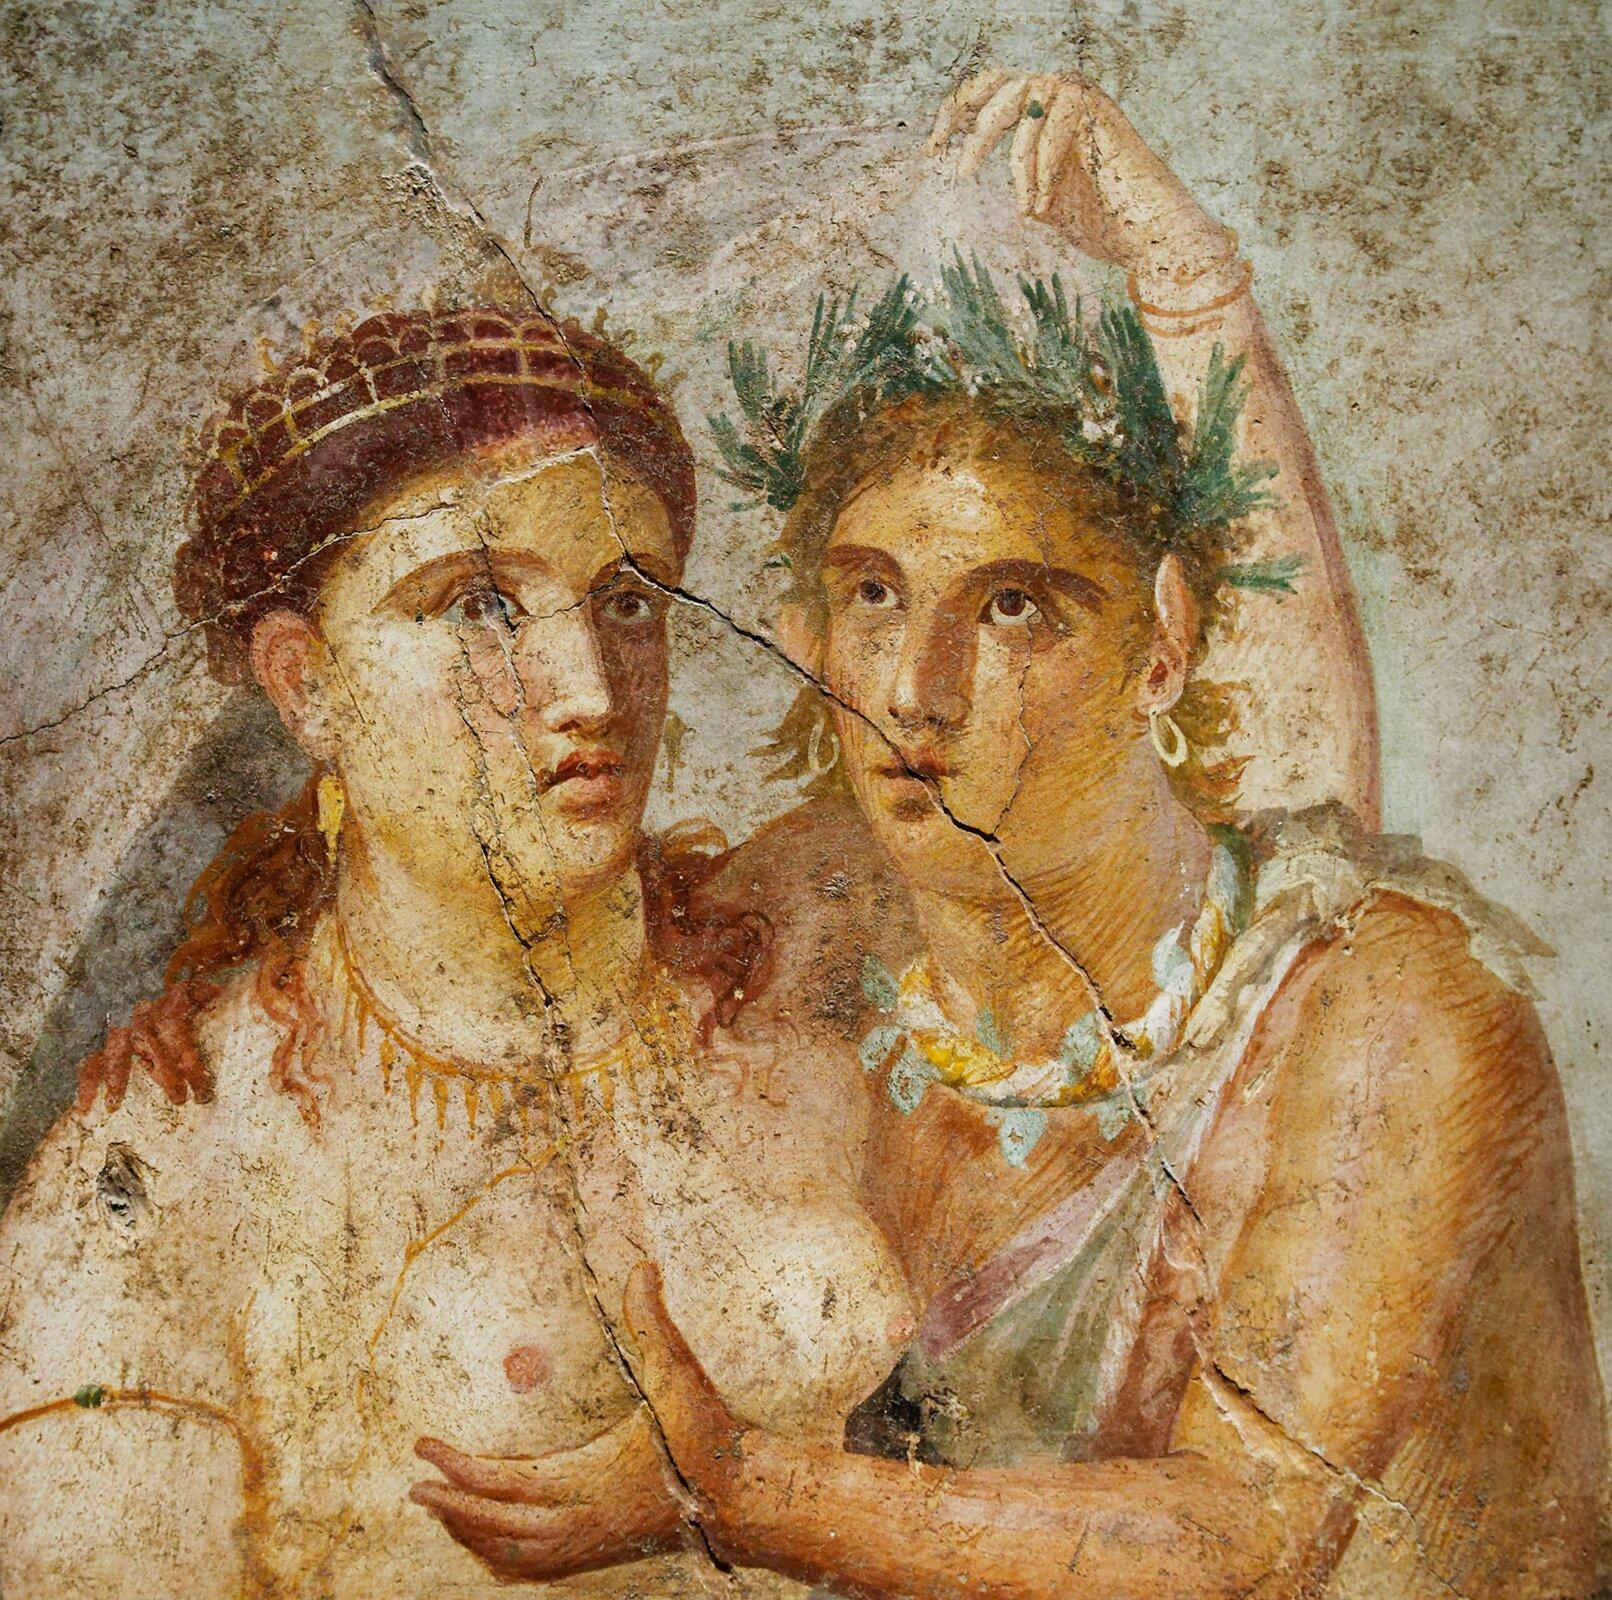 Jeden zpompejańskich fresków Jeden zpompejańskich fresków Źródło: Marie-Lan Nguyen, Naples National Archaeological Museum, domena publiczna.